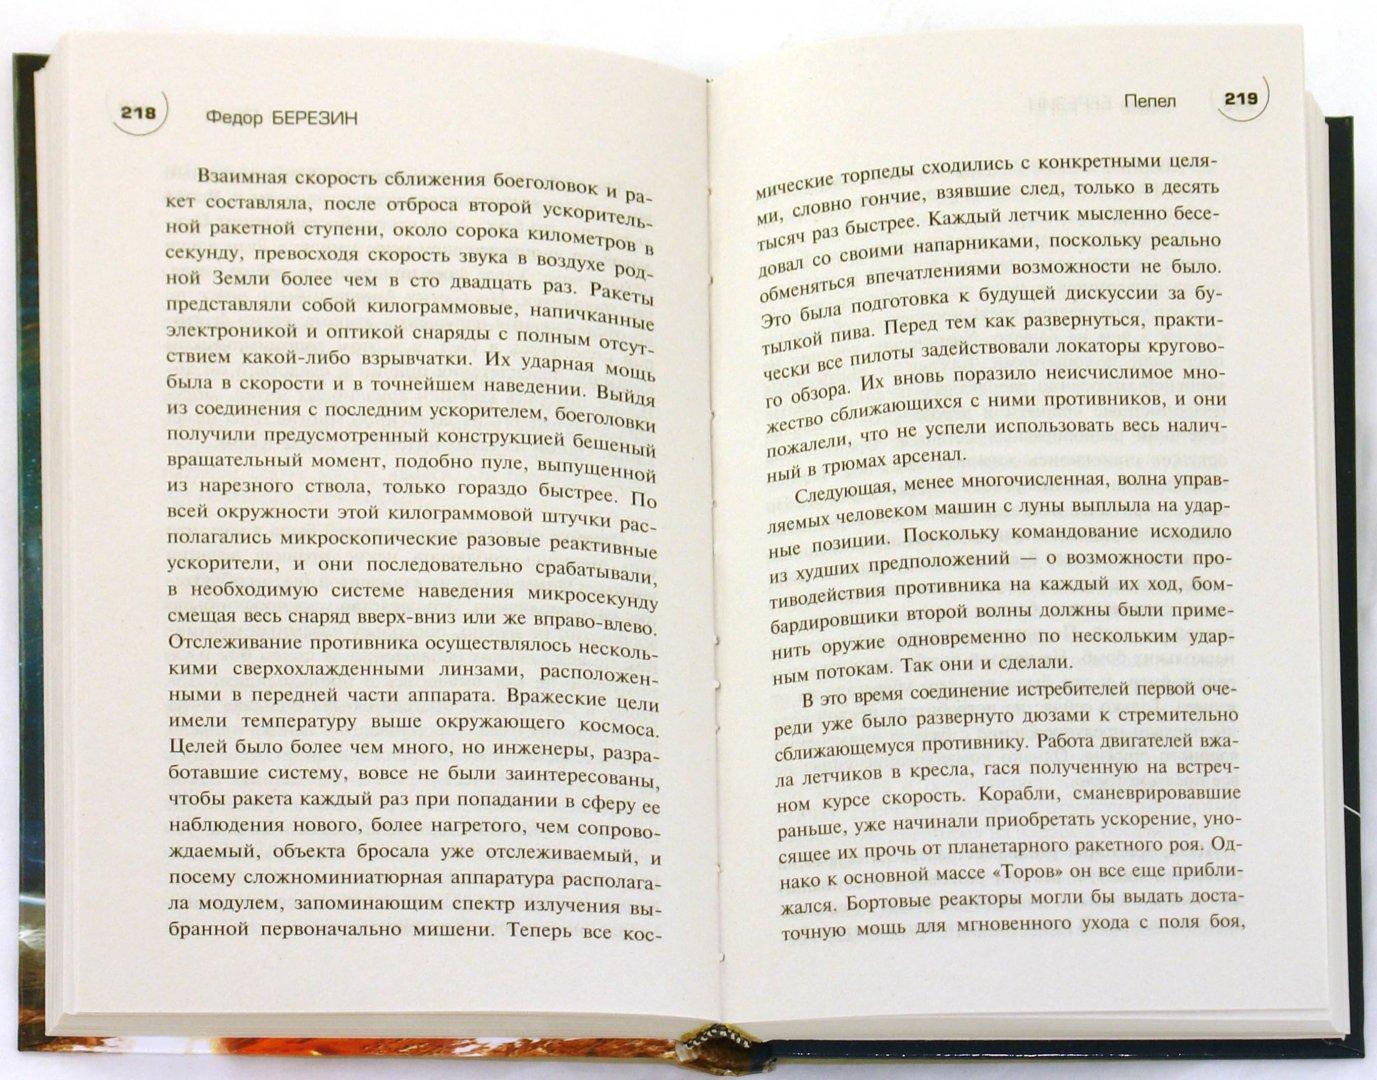 Иллюстрация 1 из 4 для Пепел - Федор Березин | Лабиринт - книги. Источник: Лабиринт